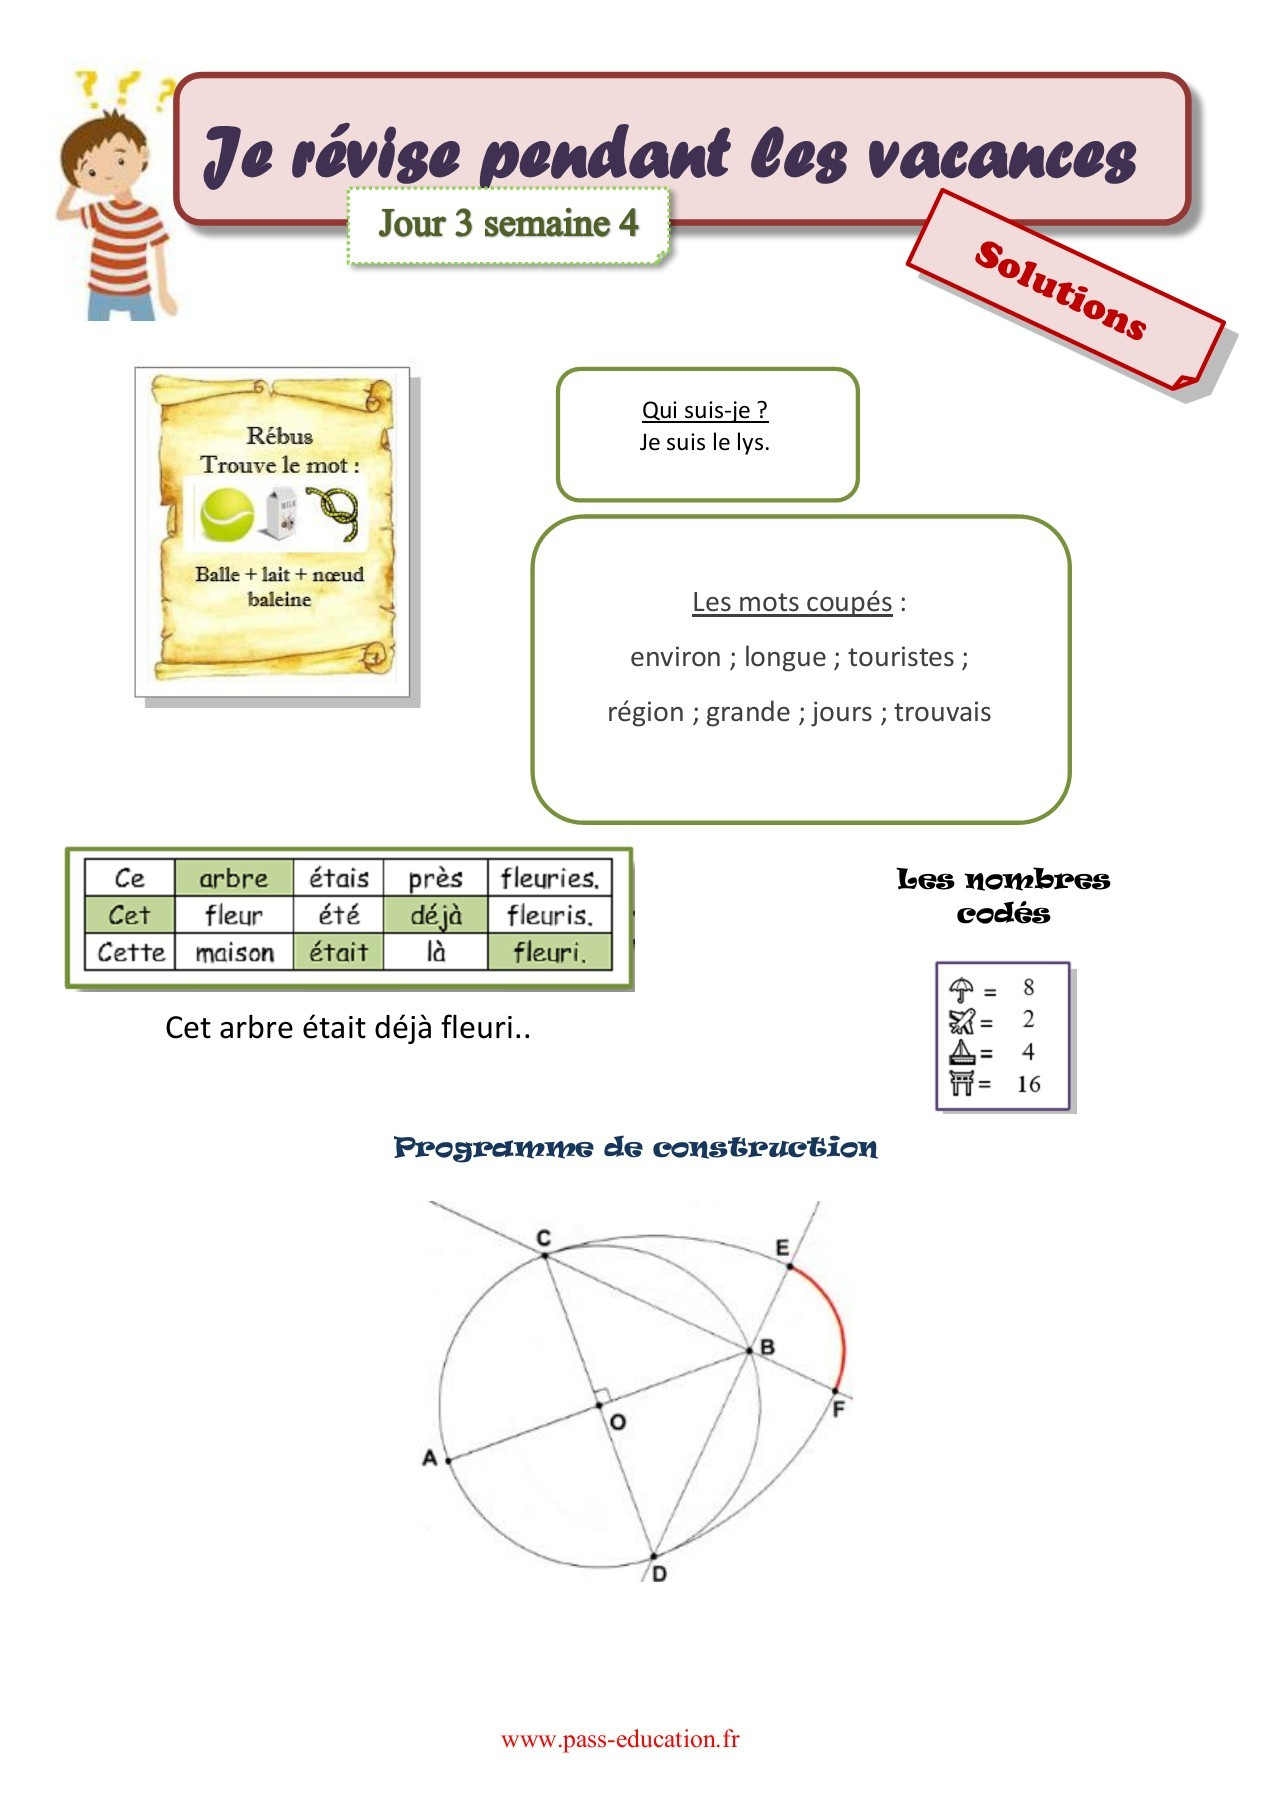 Cahier De Vacances Gratuit À Imprimer - Cm2 Vers La 6Ème à Cahier De Vacances Gratuit A Imprimer 6Eme 5Eme